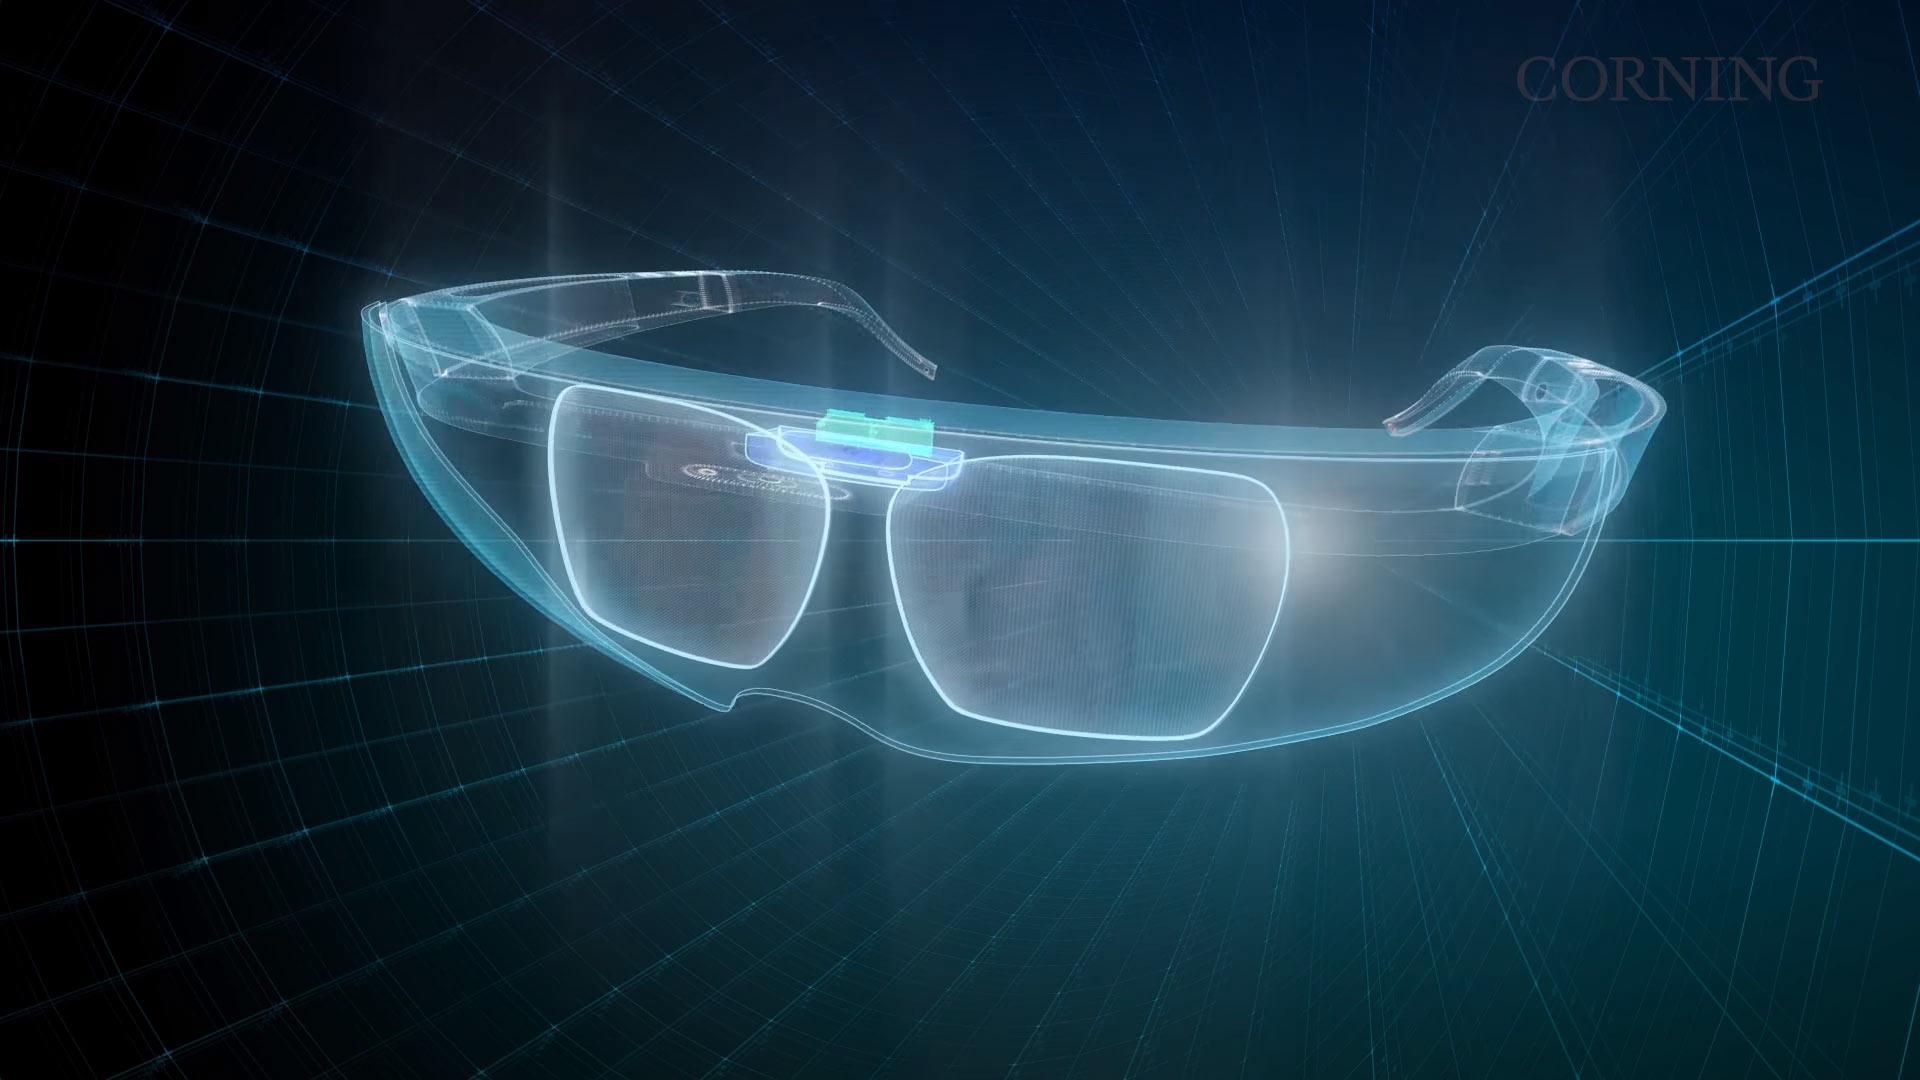 大猩猩玻璃制造商康宁和Pixelligent合作开发消费级AR头显光学器件